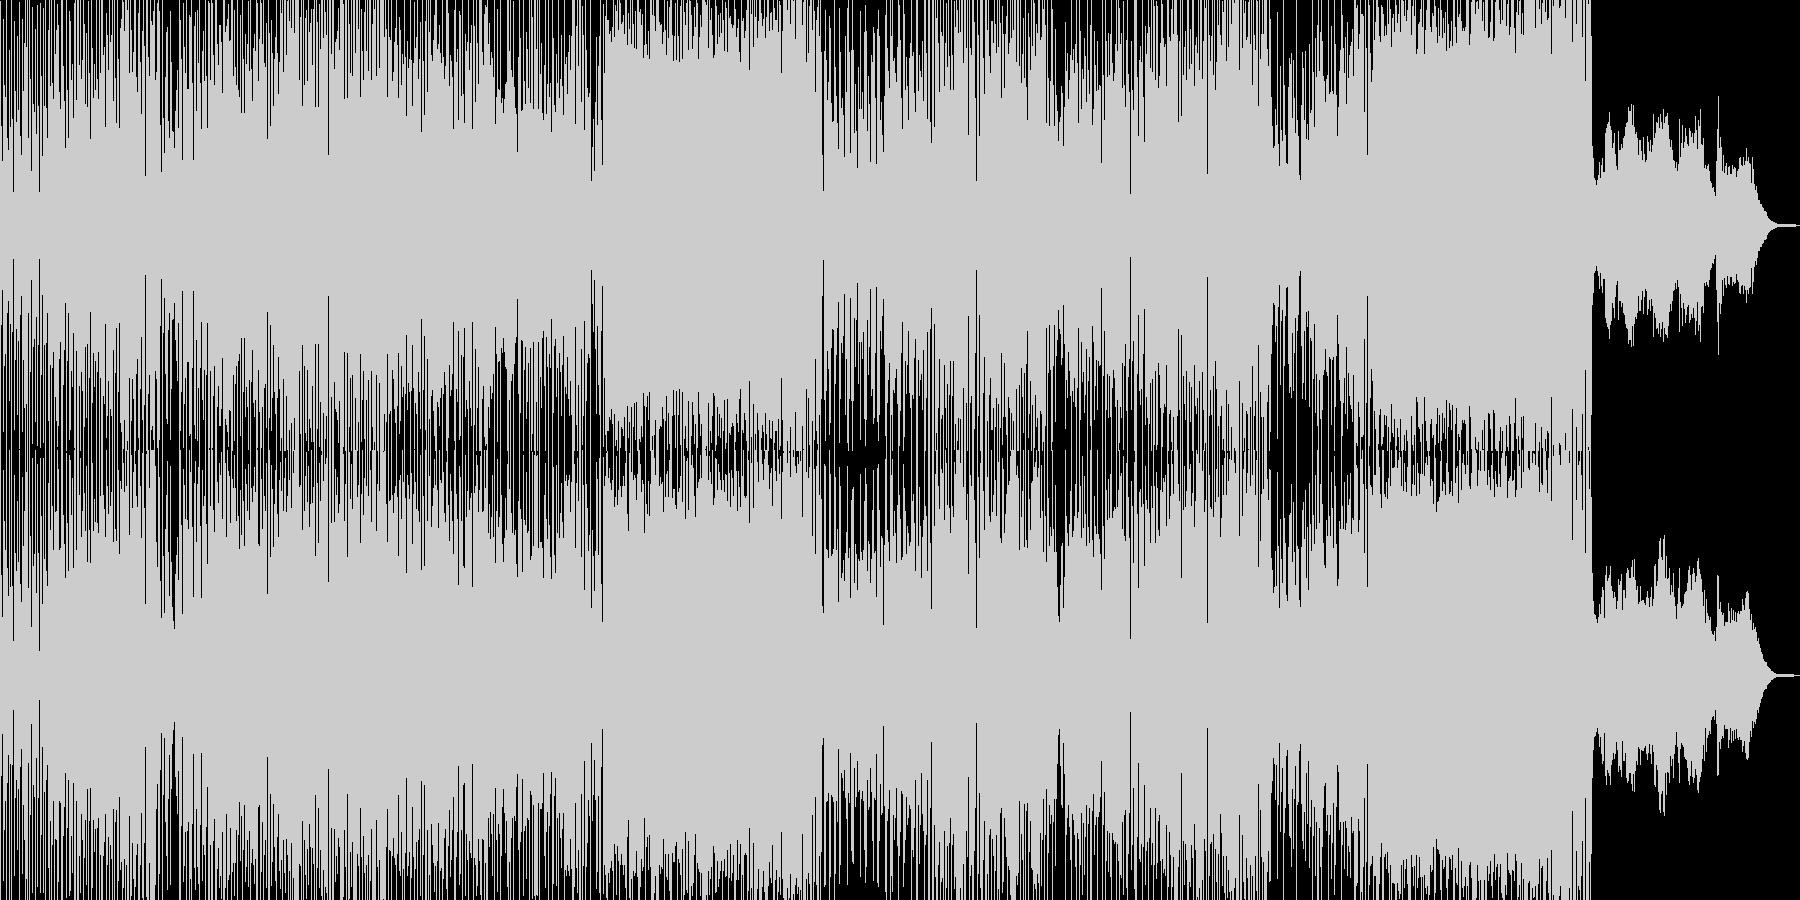 ドタバタコメディ・アニメ調ポップ A+の未再生の波形